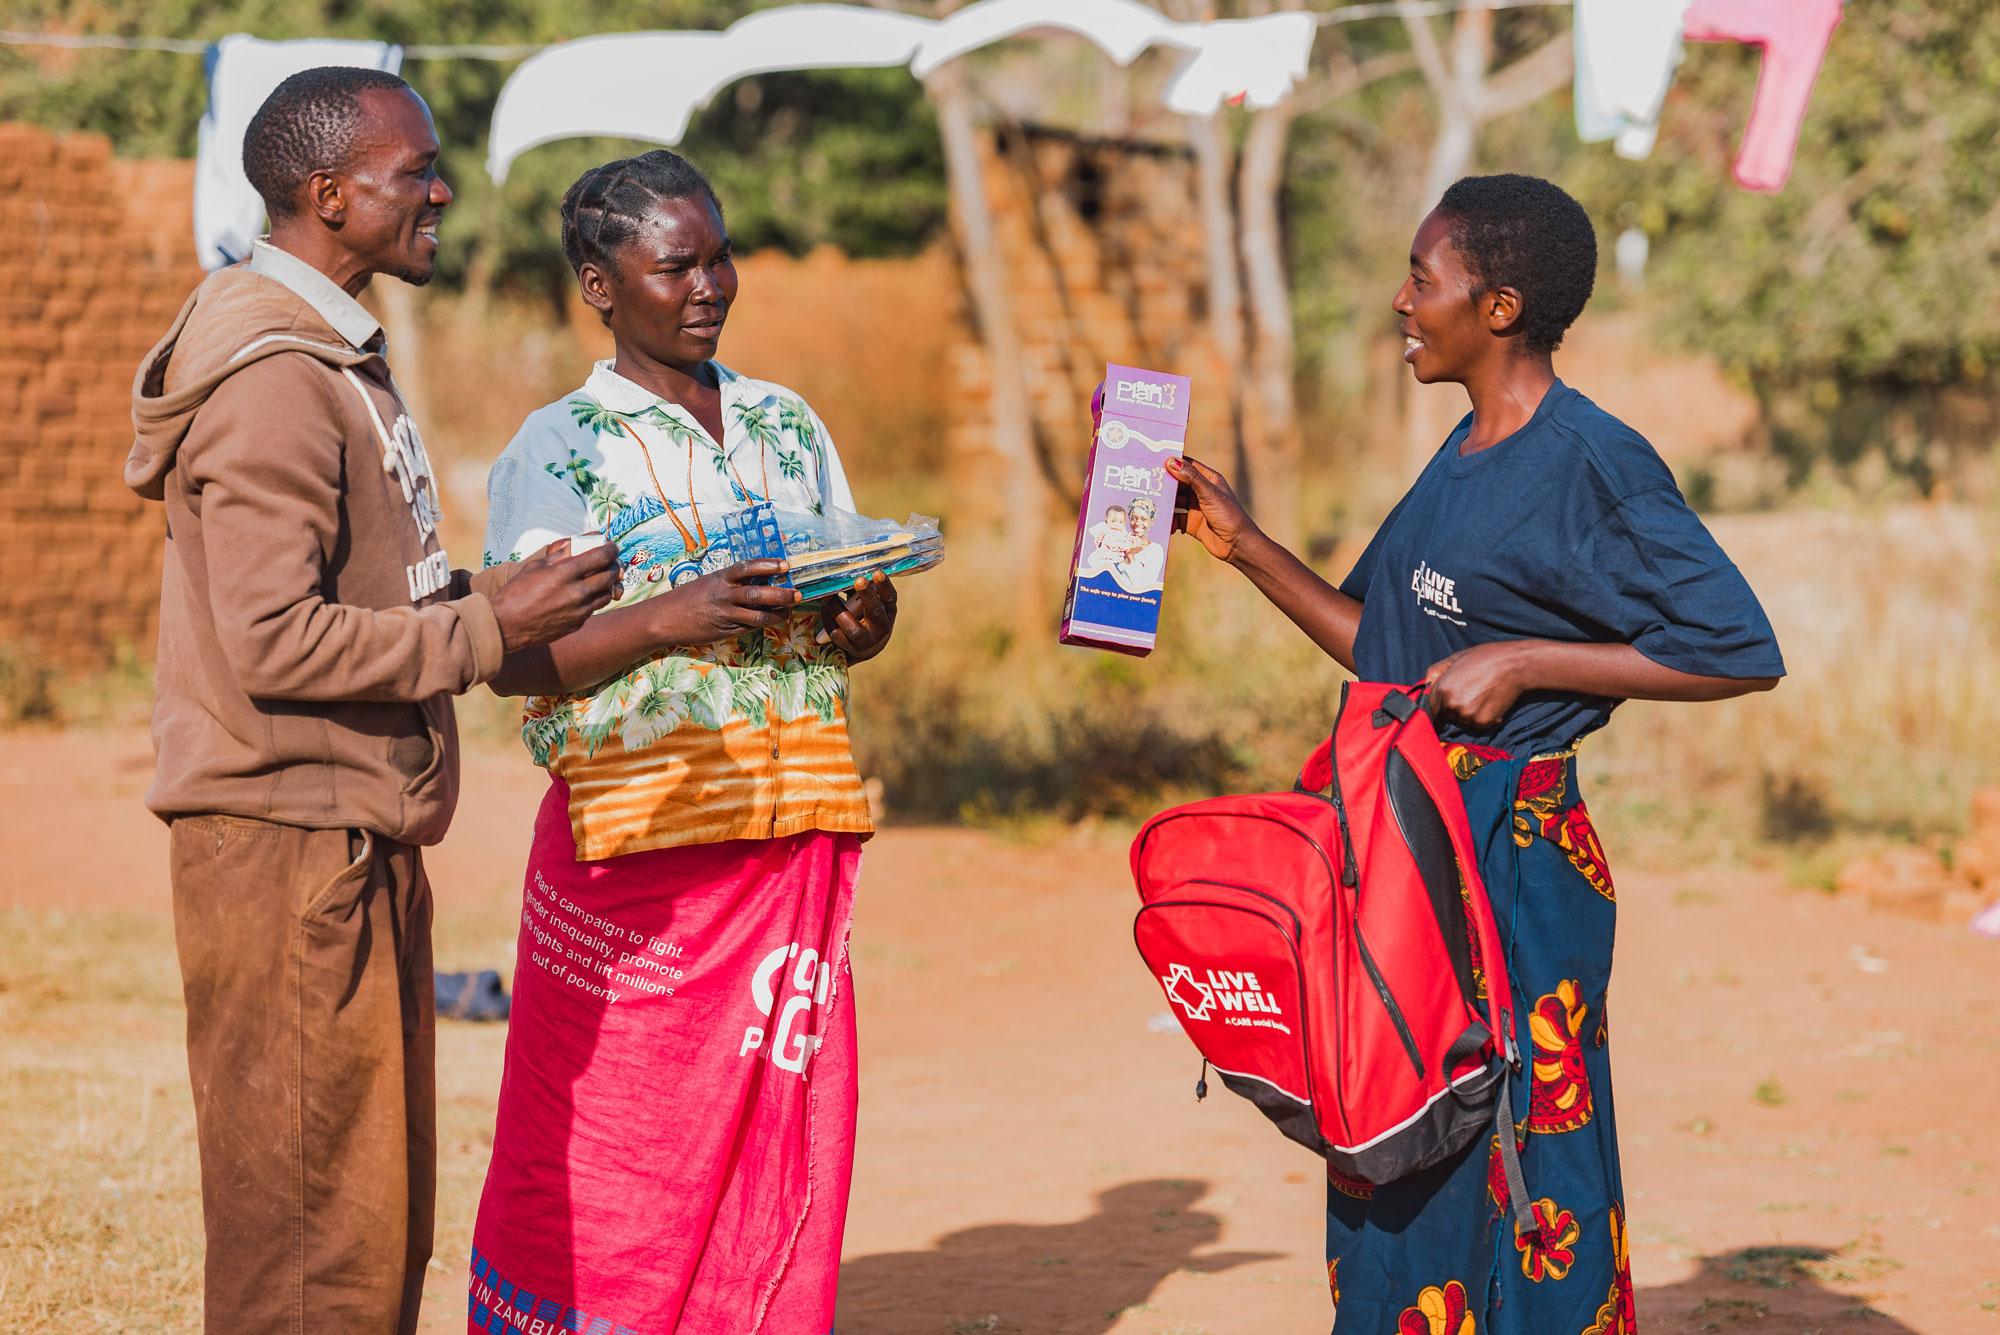 Uma mulher vestindo uma camisa azul escuro do Live Well mostra os suprimentos para um homem e uma mulher.